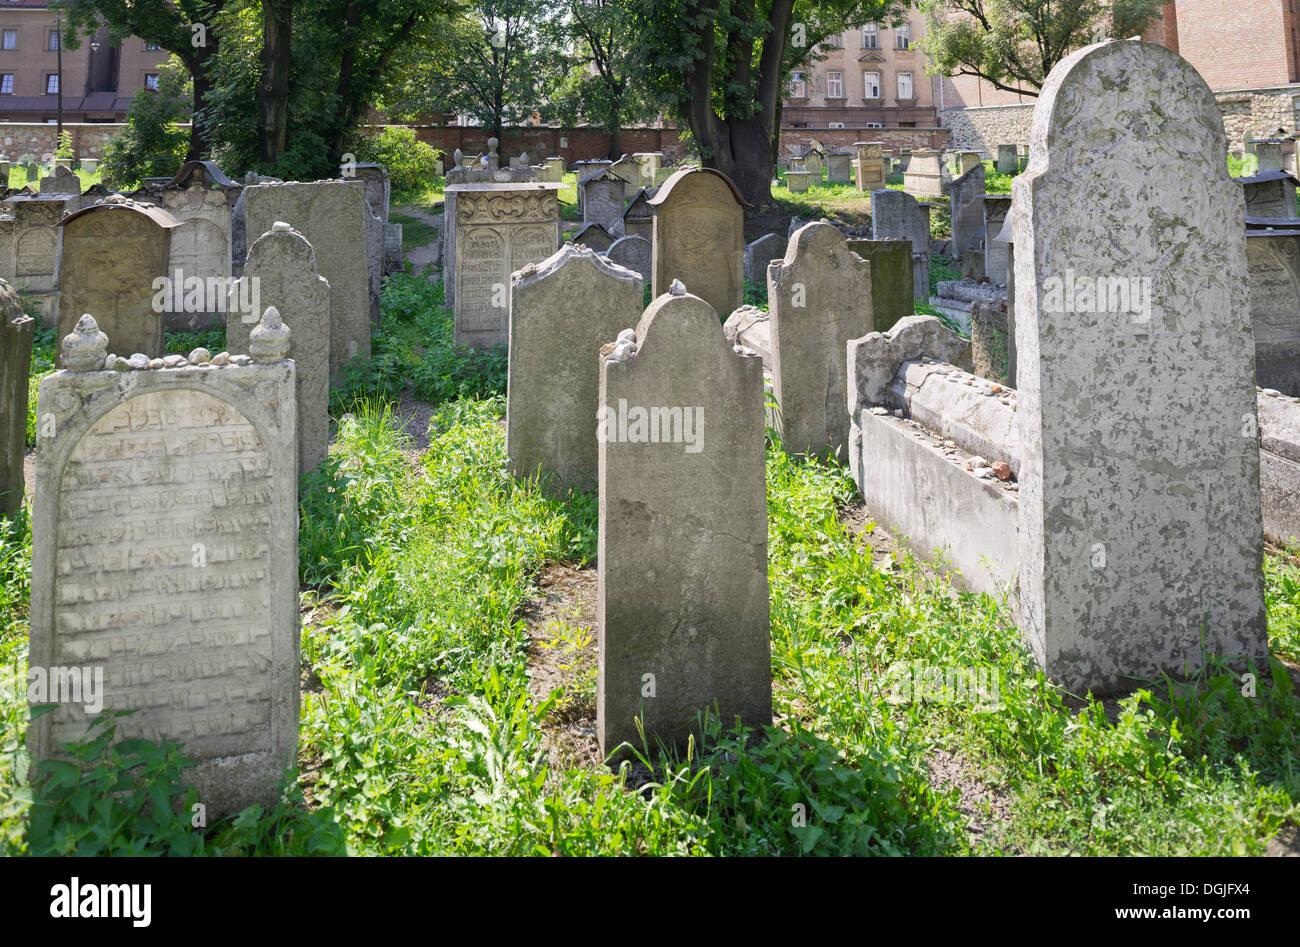 Jewish cemetery of Remuh Synagogue, Krakau, Woiwodschaft Kleinpolen, Poland - Stock Image